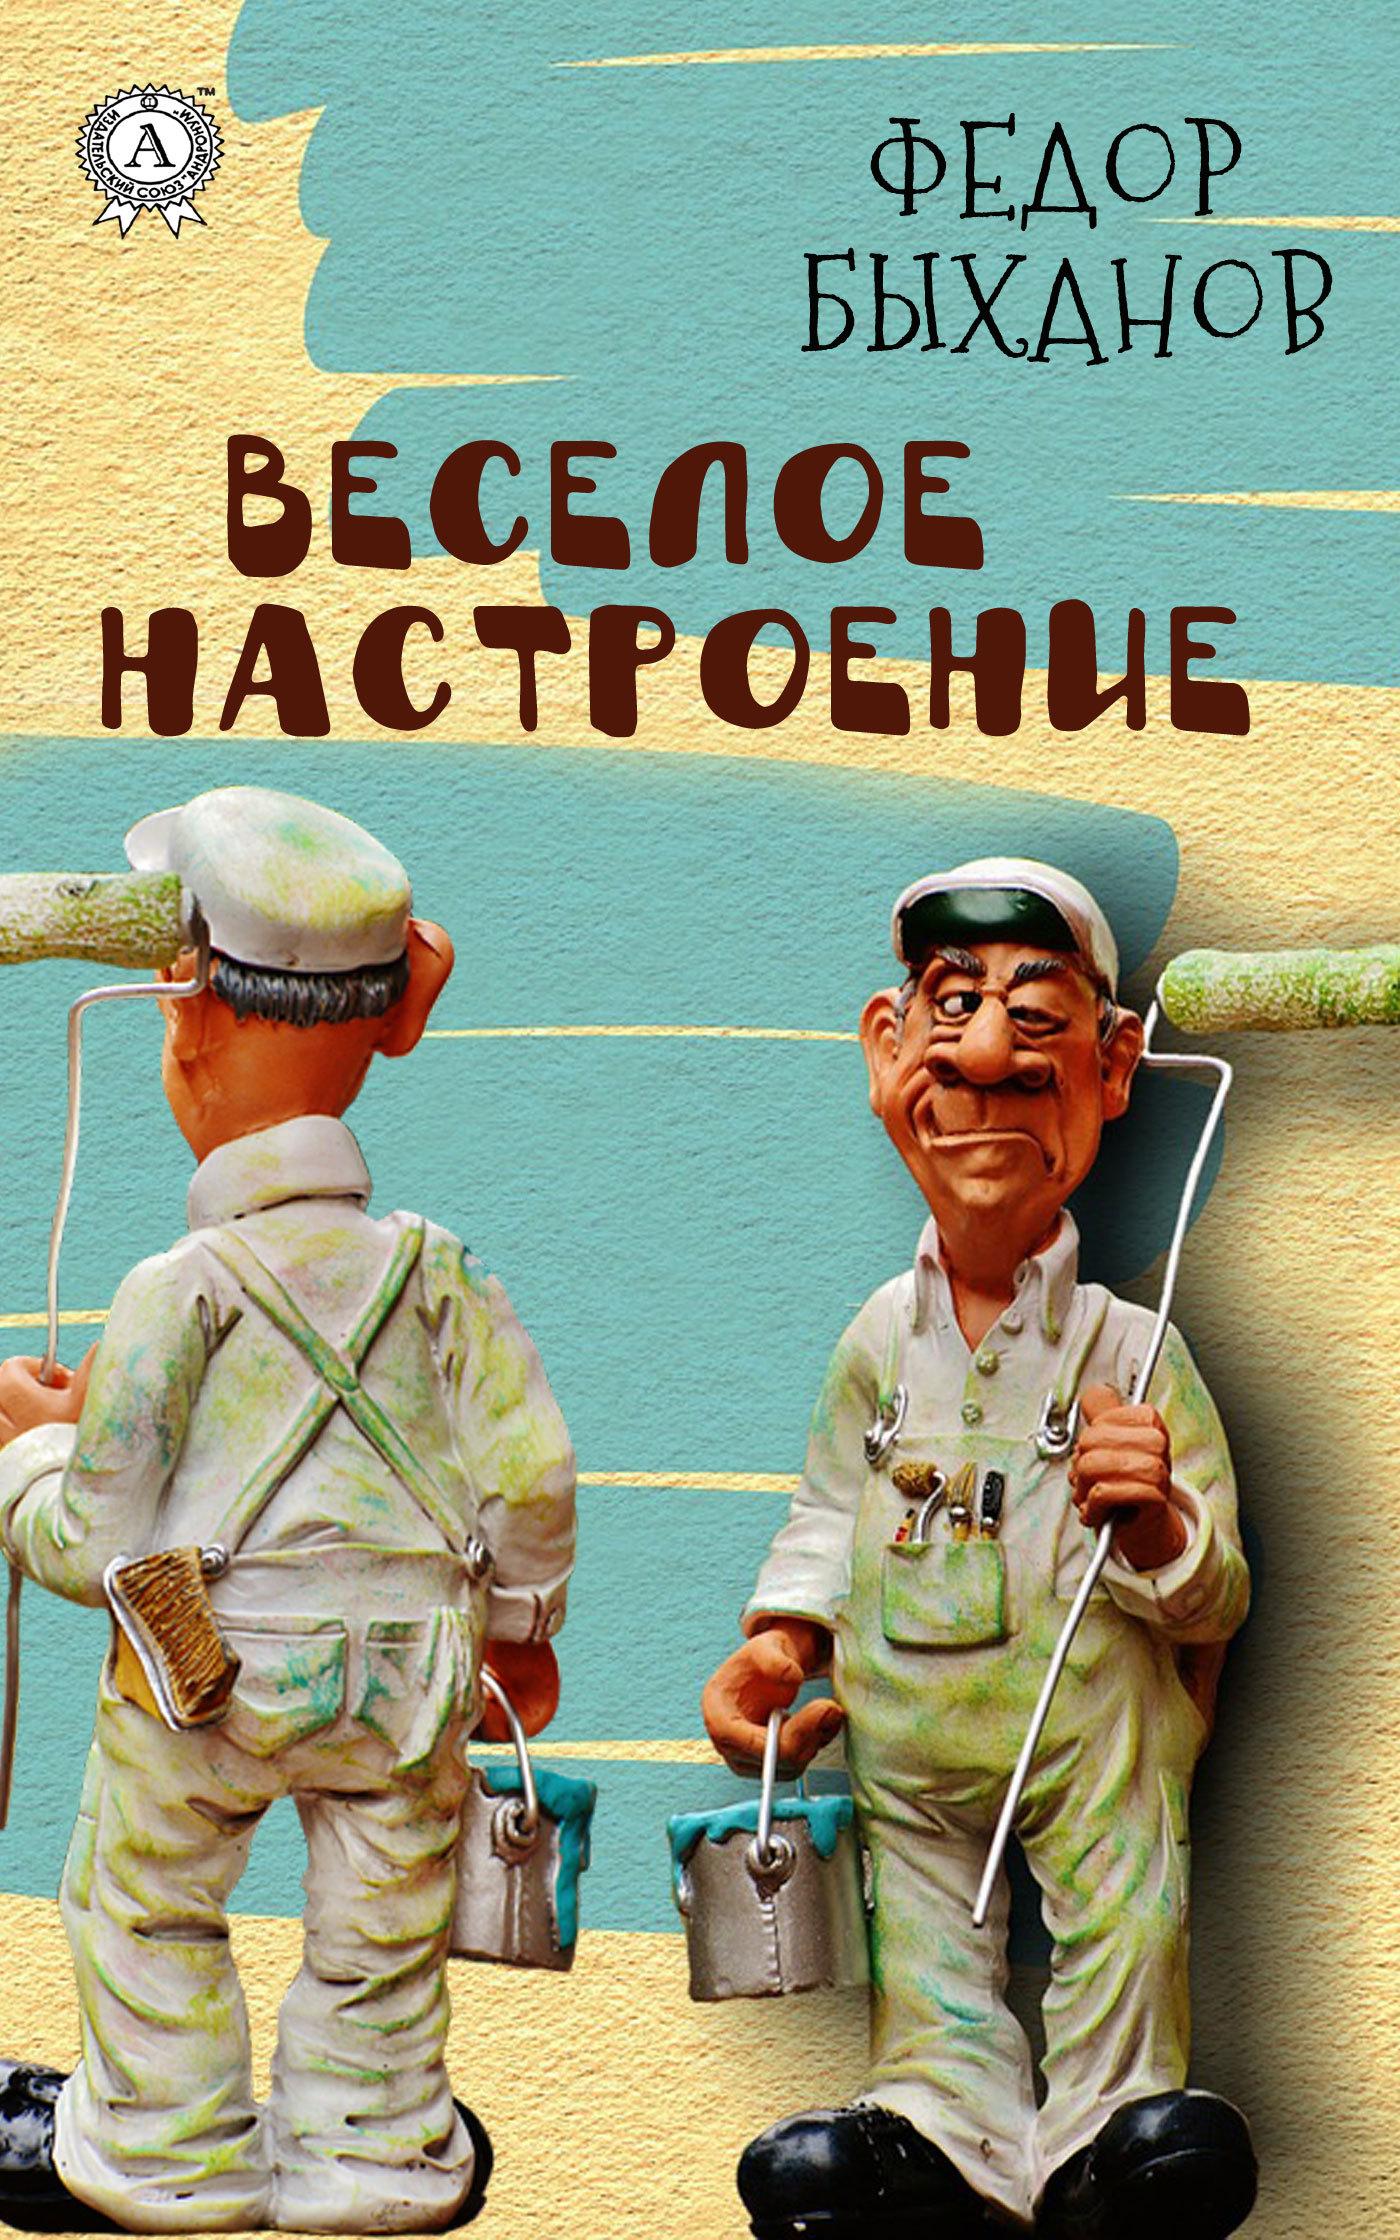 Фёдор Быханов Веселое настроение фёдор быханов тайна горного озера